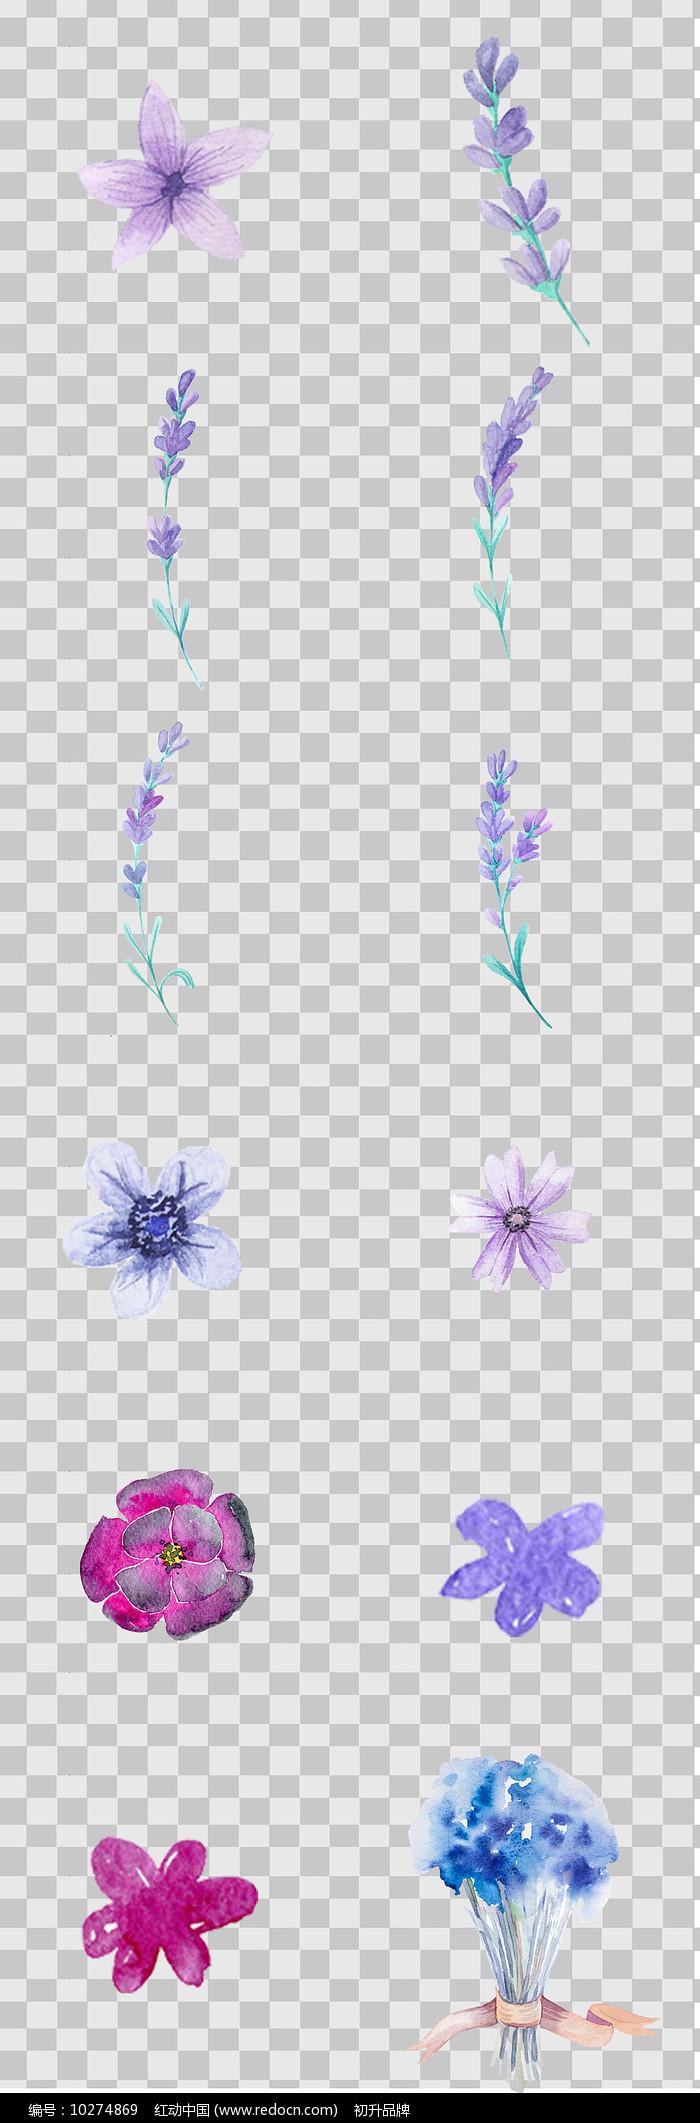 水墨风手绘紫色花卉元素图片